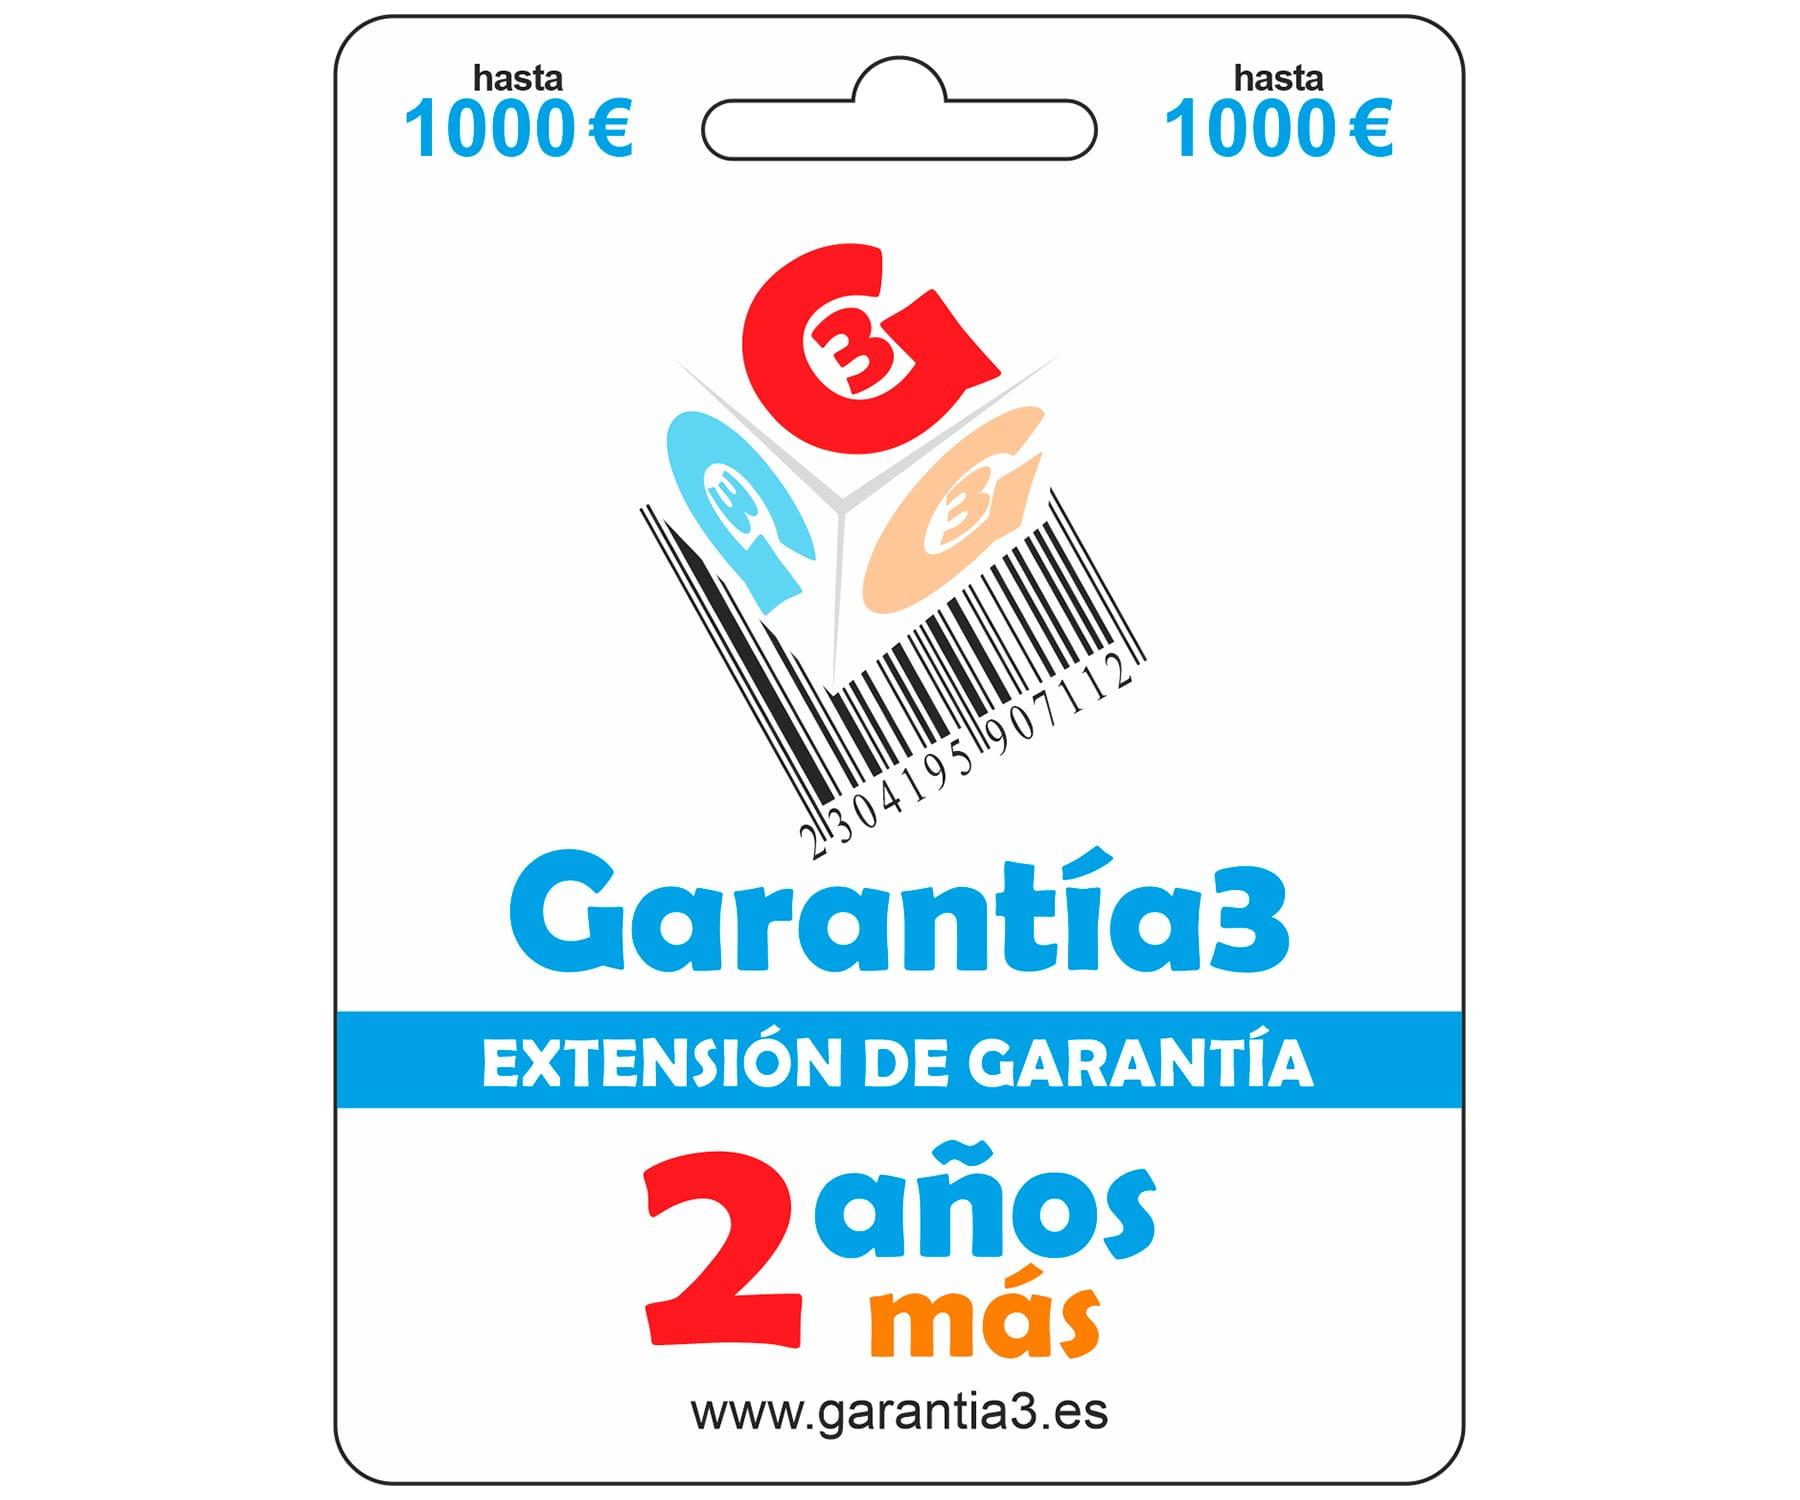 GARANTÍA 3 EXTENSIÓN DE LA GARANTÍA DE 3 AÑOS A LA GARANTÍA OFICIAL CON COBERTURA DE 1.000€